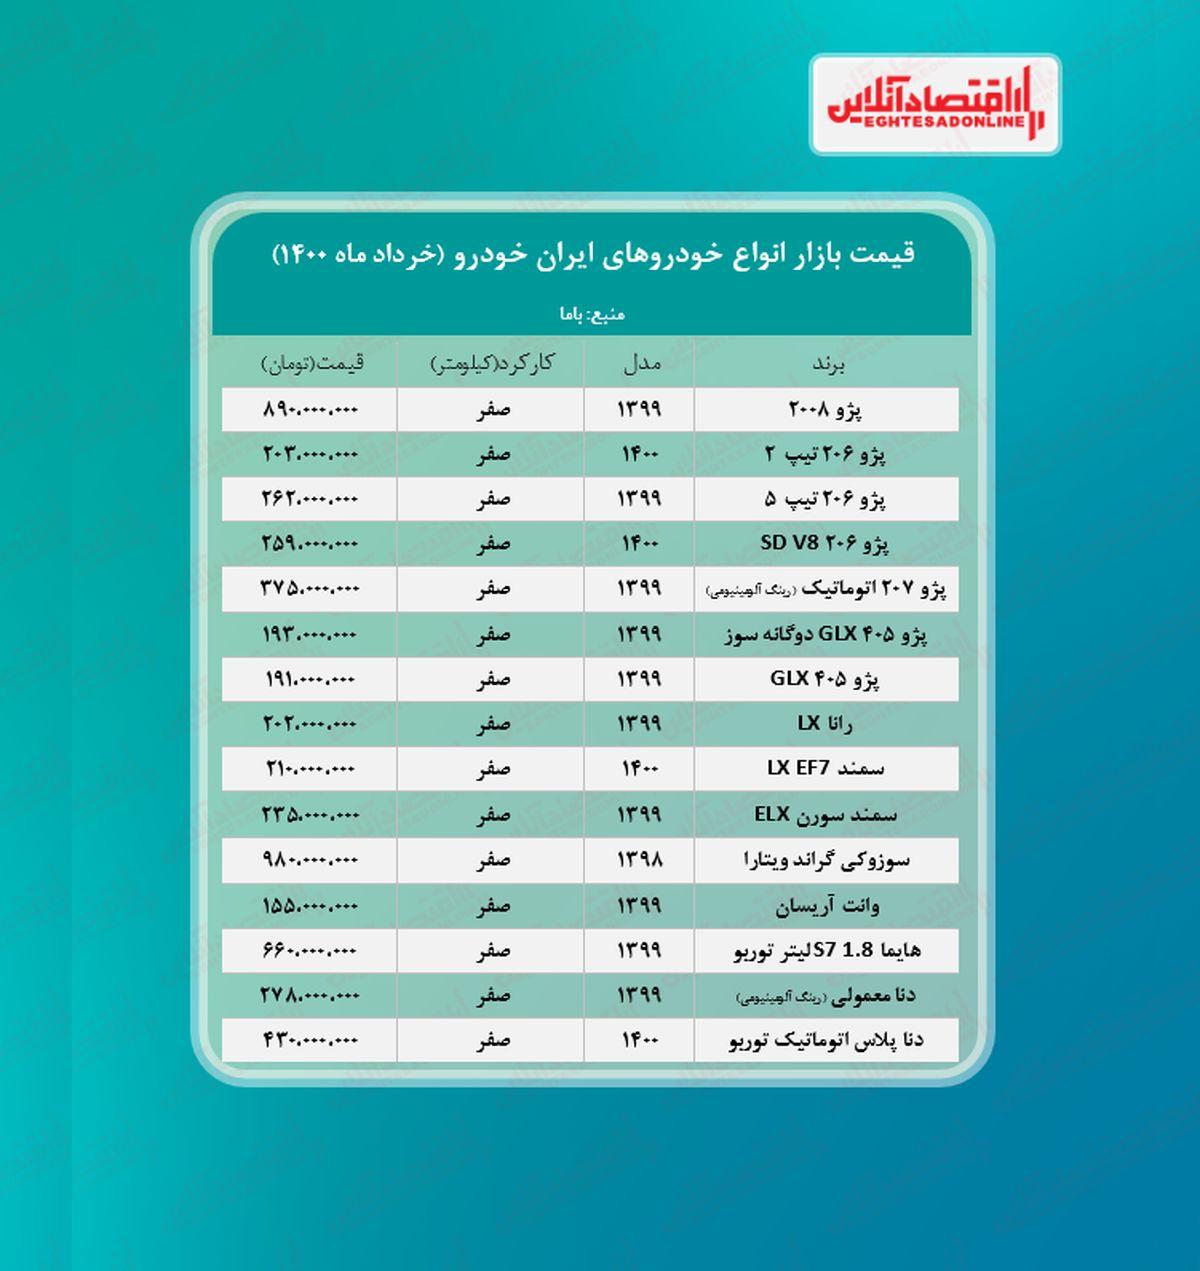 قیمت محصولات ایران خودرو امروز ۱۴۰۰/۳/۶